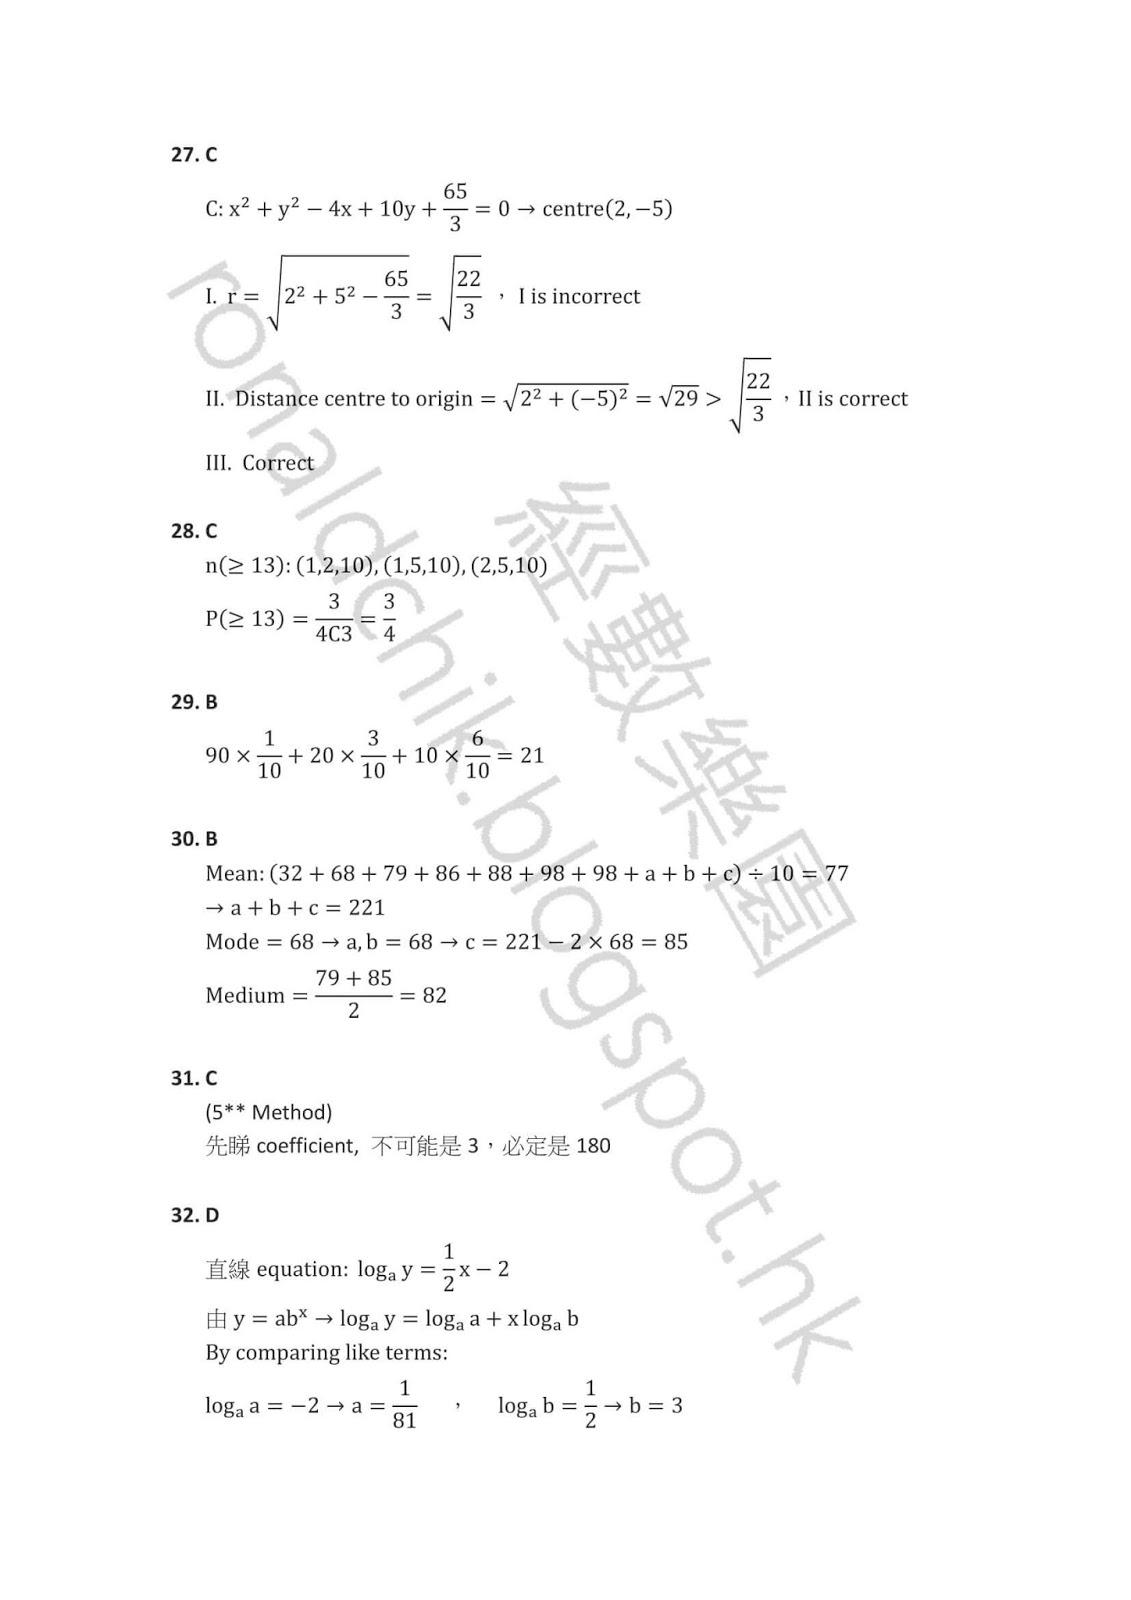 2016 DSE 數學卷二 答案 Q27-32